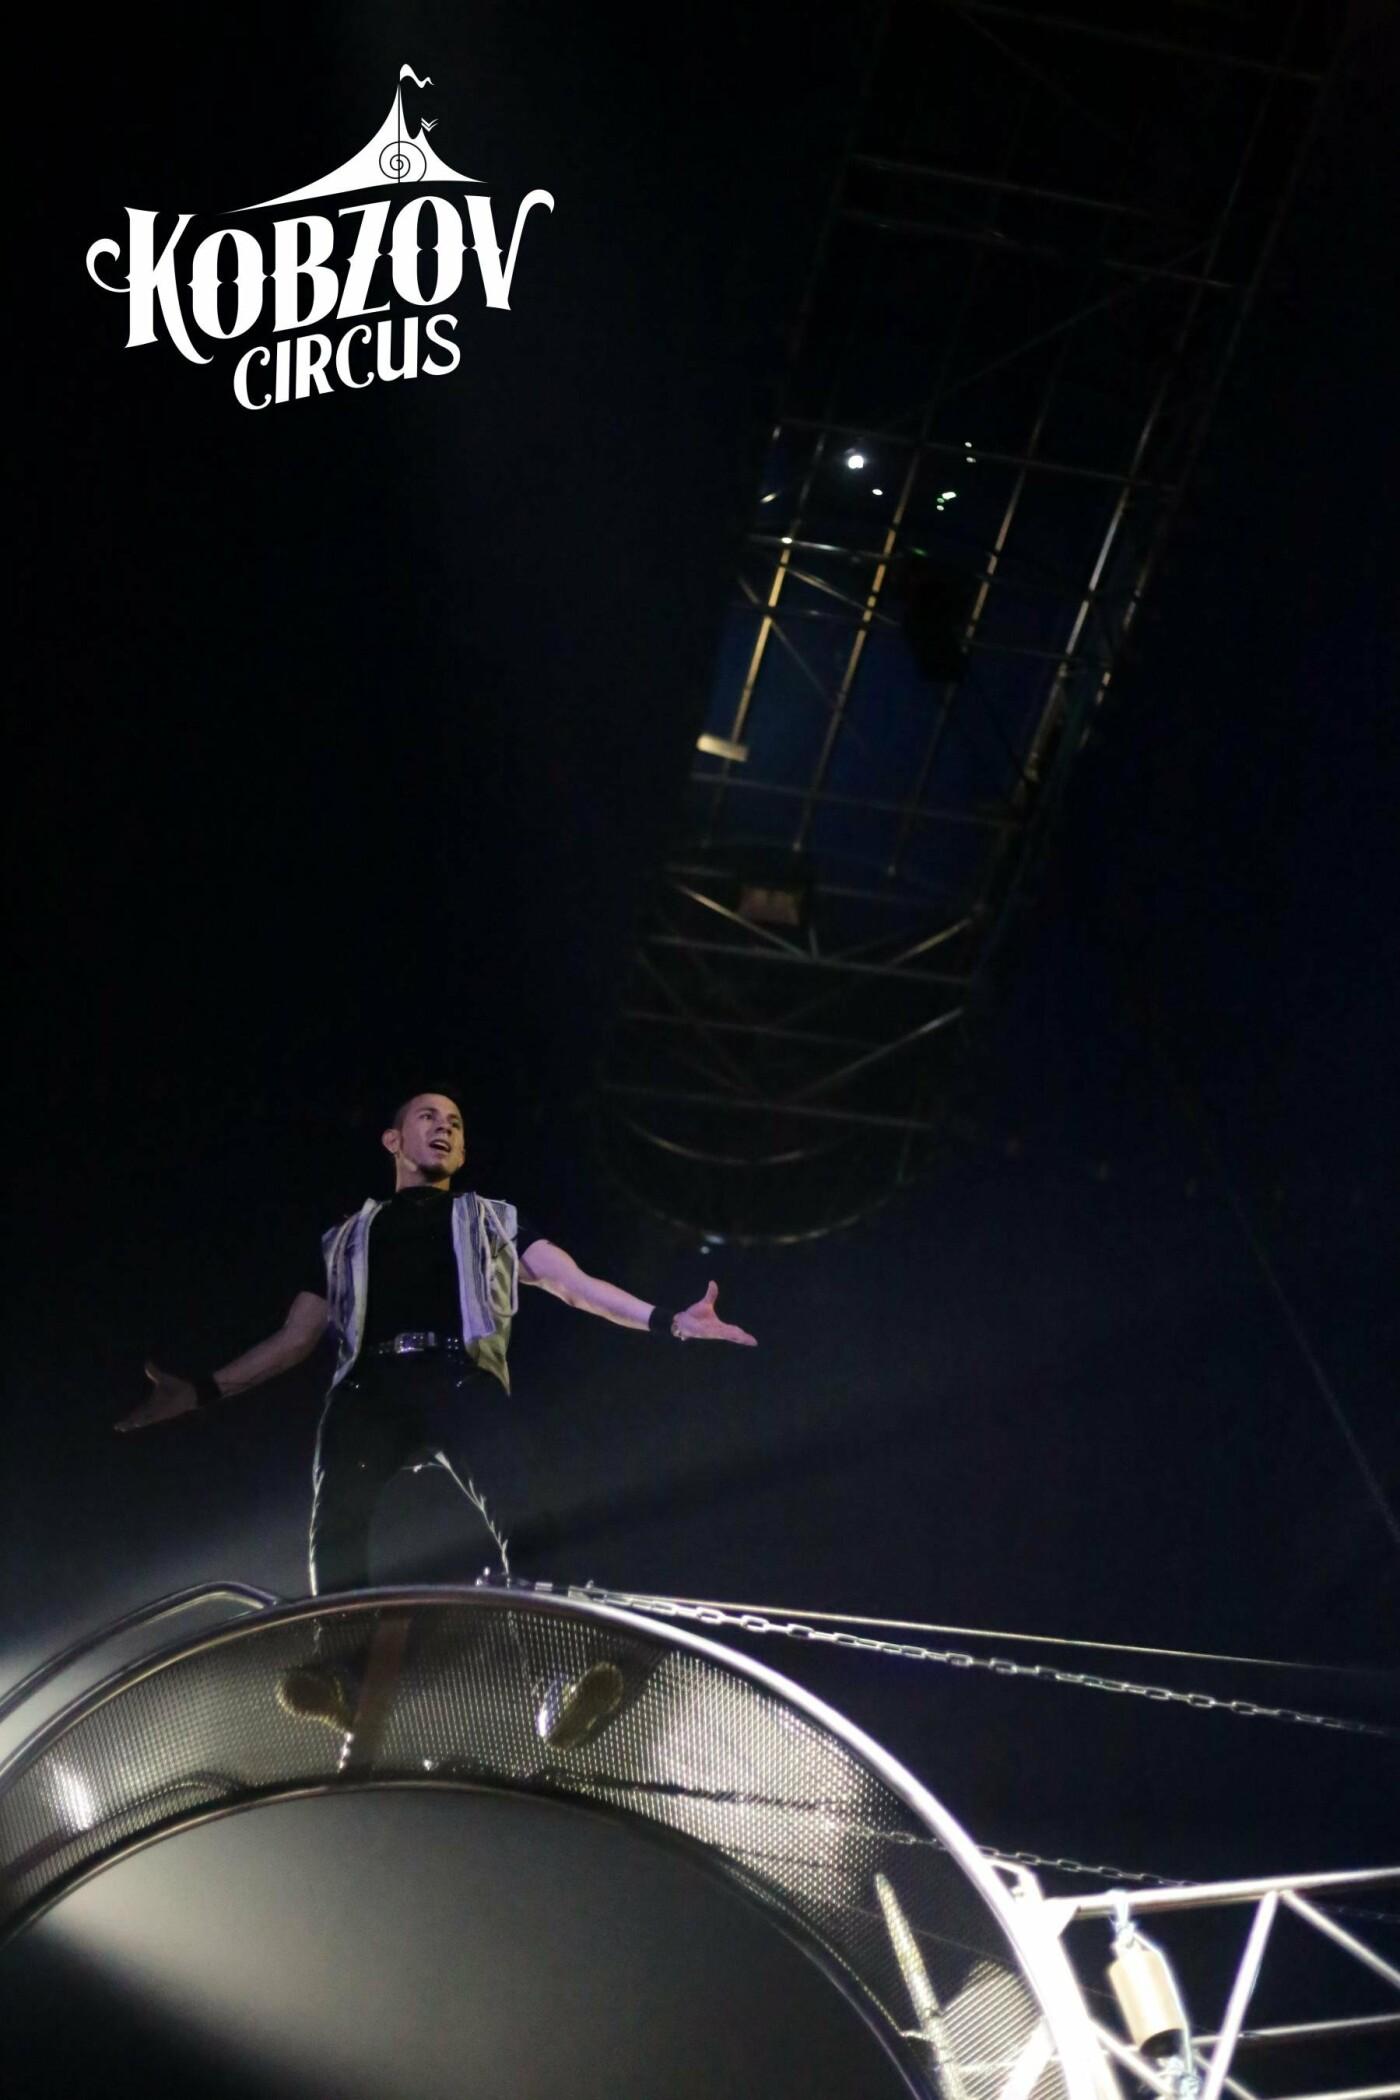 Найбільший цирк України – цирк «Кобзов», готовий дивувати, надихати і приносити радість!, фото-9